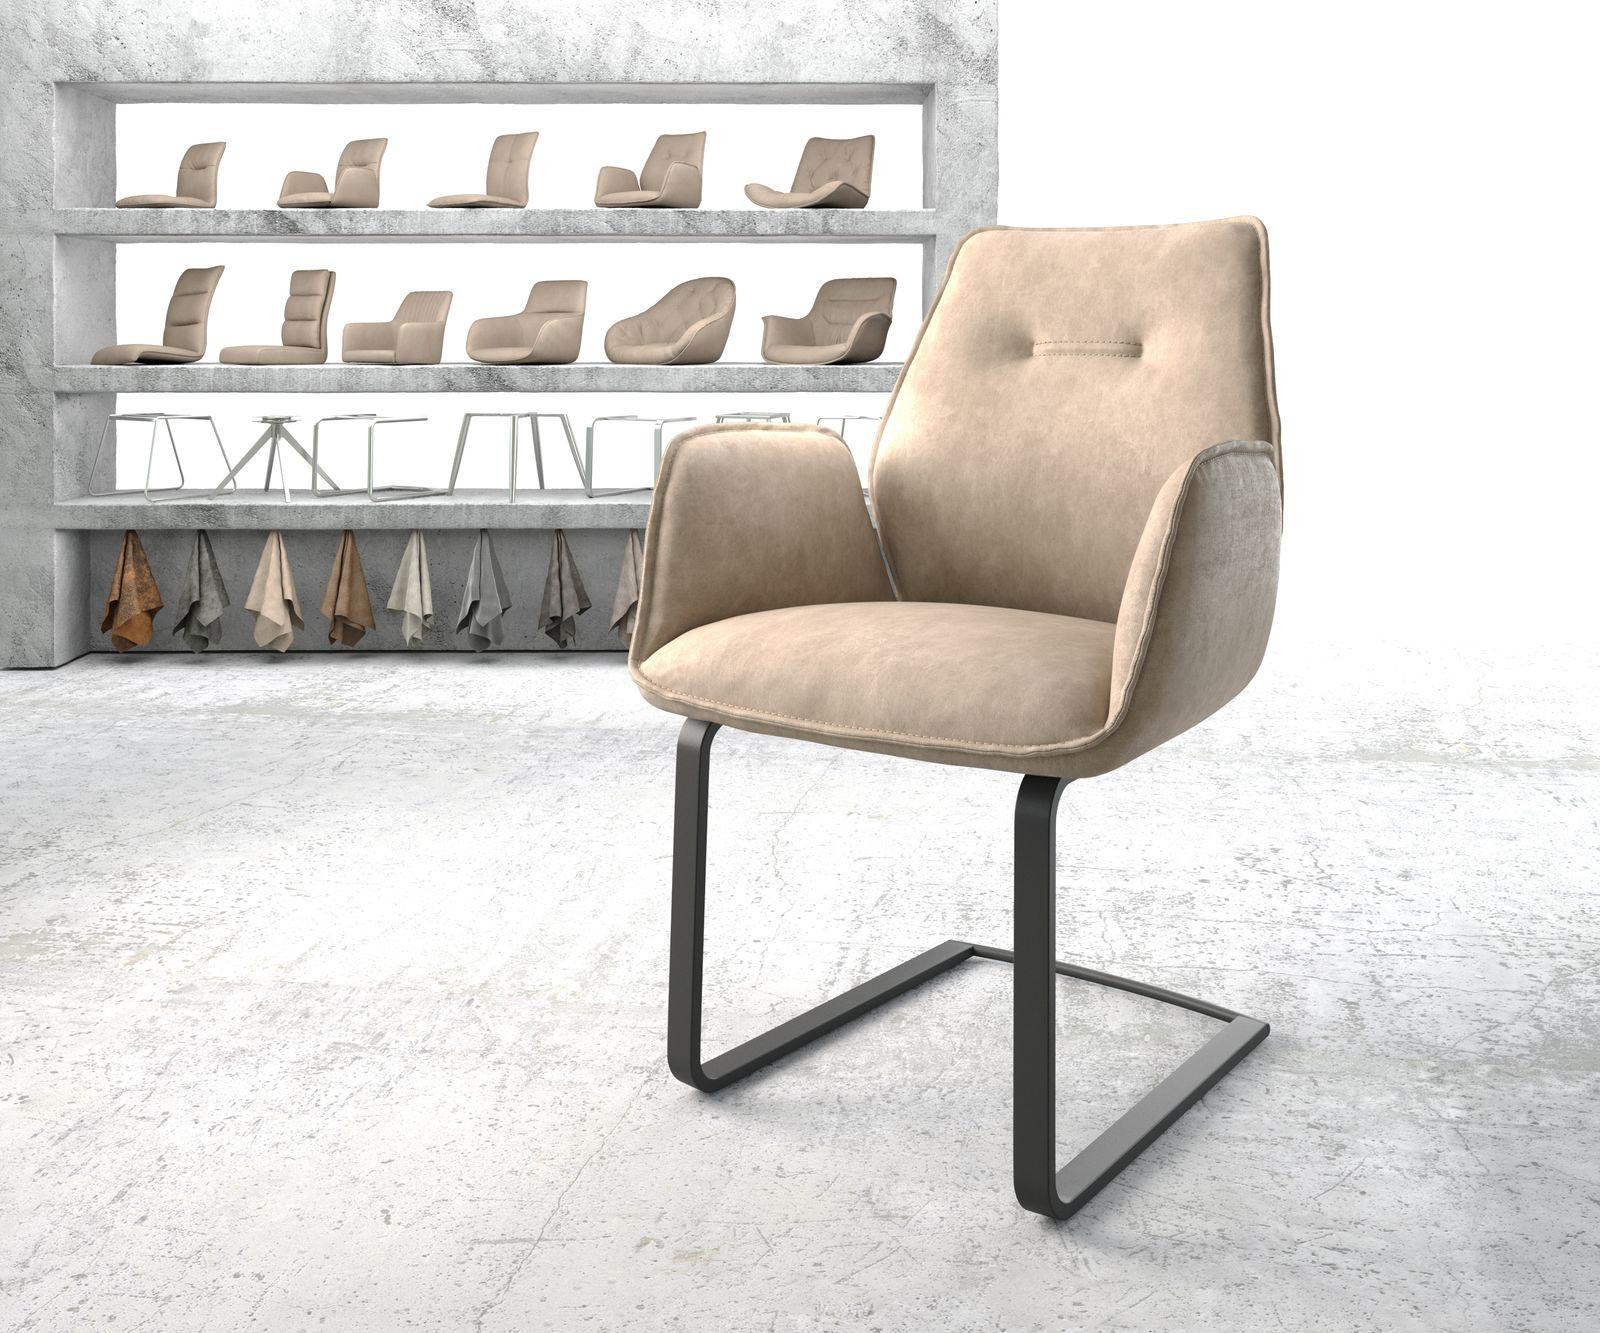 delife-armlehnstuhl-zoa-flex-beige-vintage-freischwinger-flach-schwarz-esszimmerstuhle